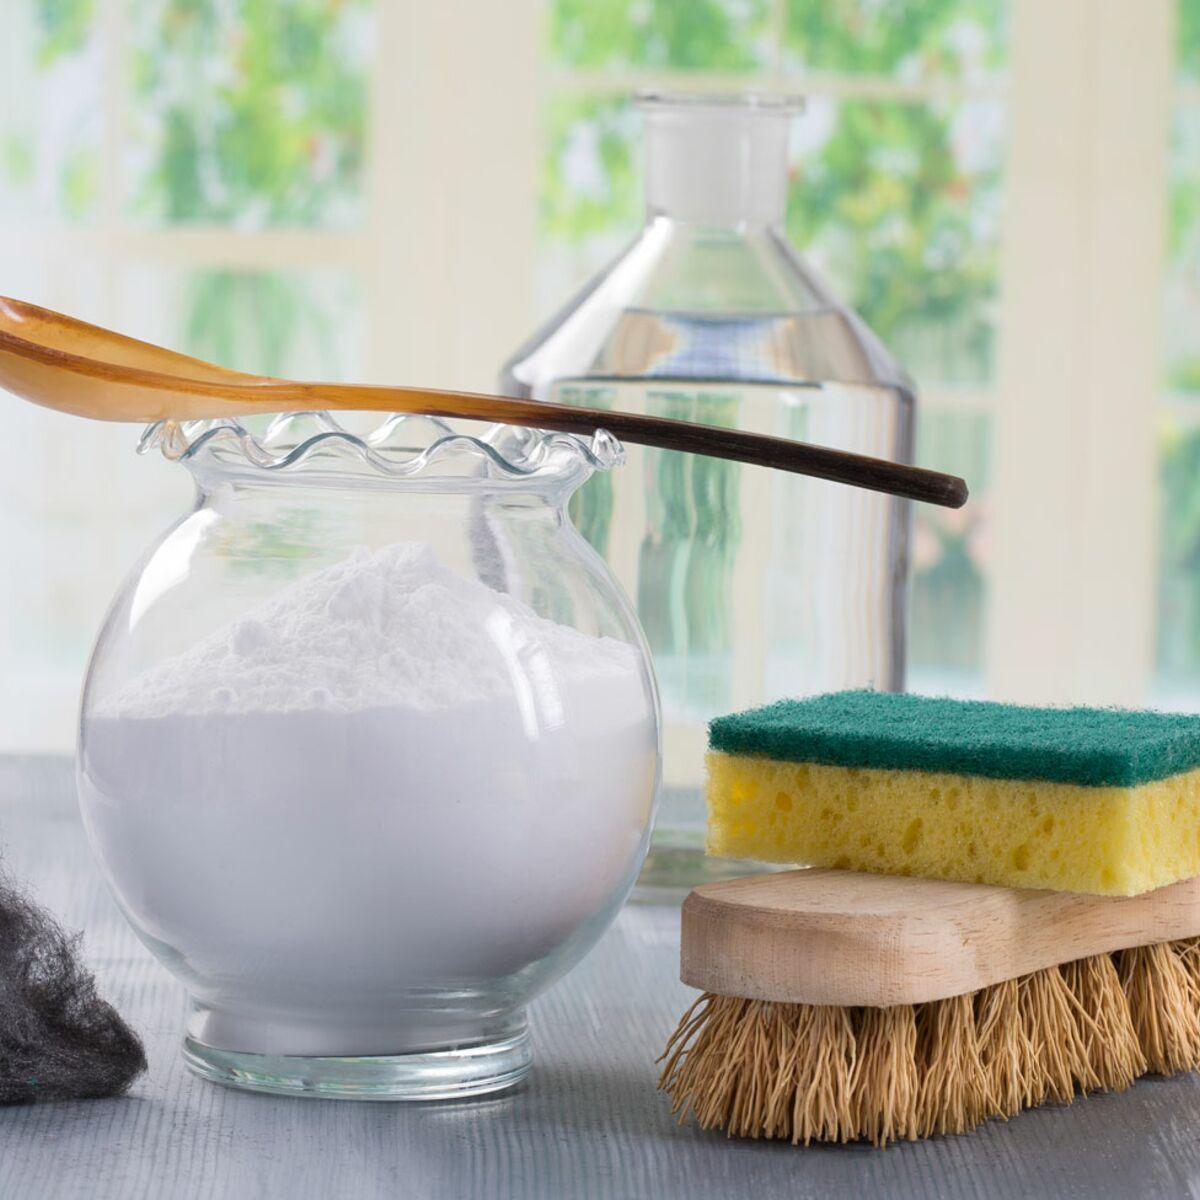 Nos recettes pour fabriquer ses produits ménagers - Le nettoyant